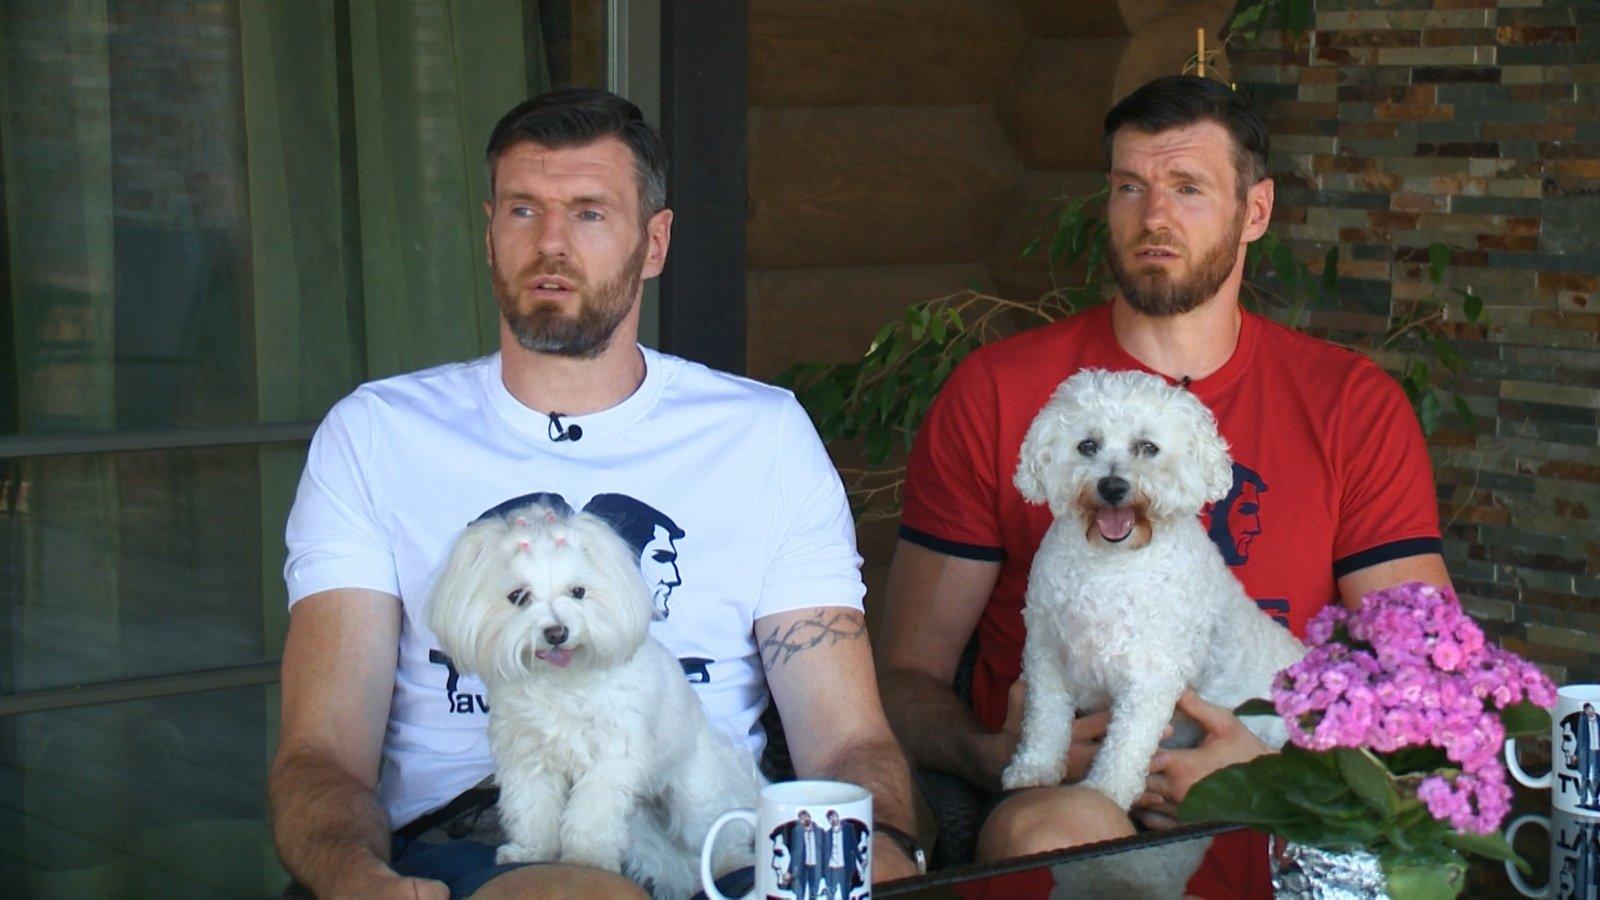 Broliai Lavrinovičiai papasakojo apie savo gyvūnus: neplaukiojančius vėžlius, kates iš prieglaudos ir keistos veislės šunis